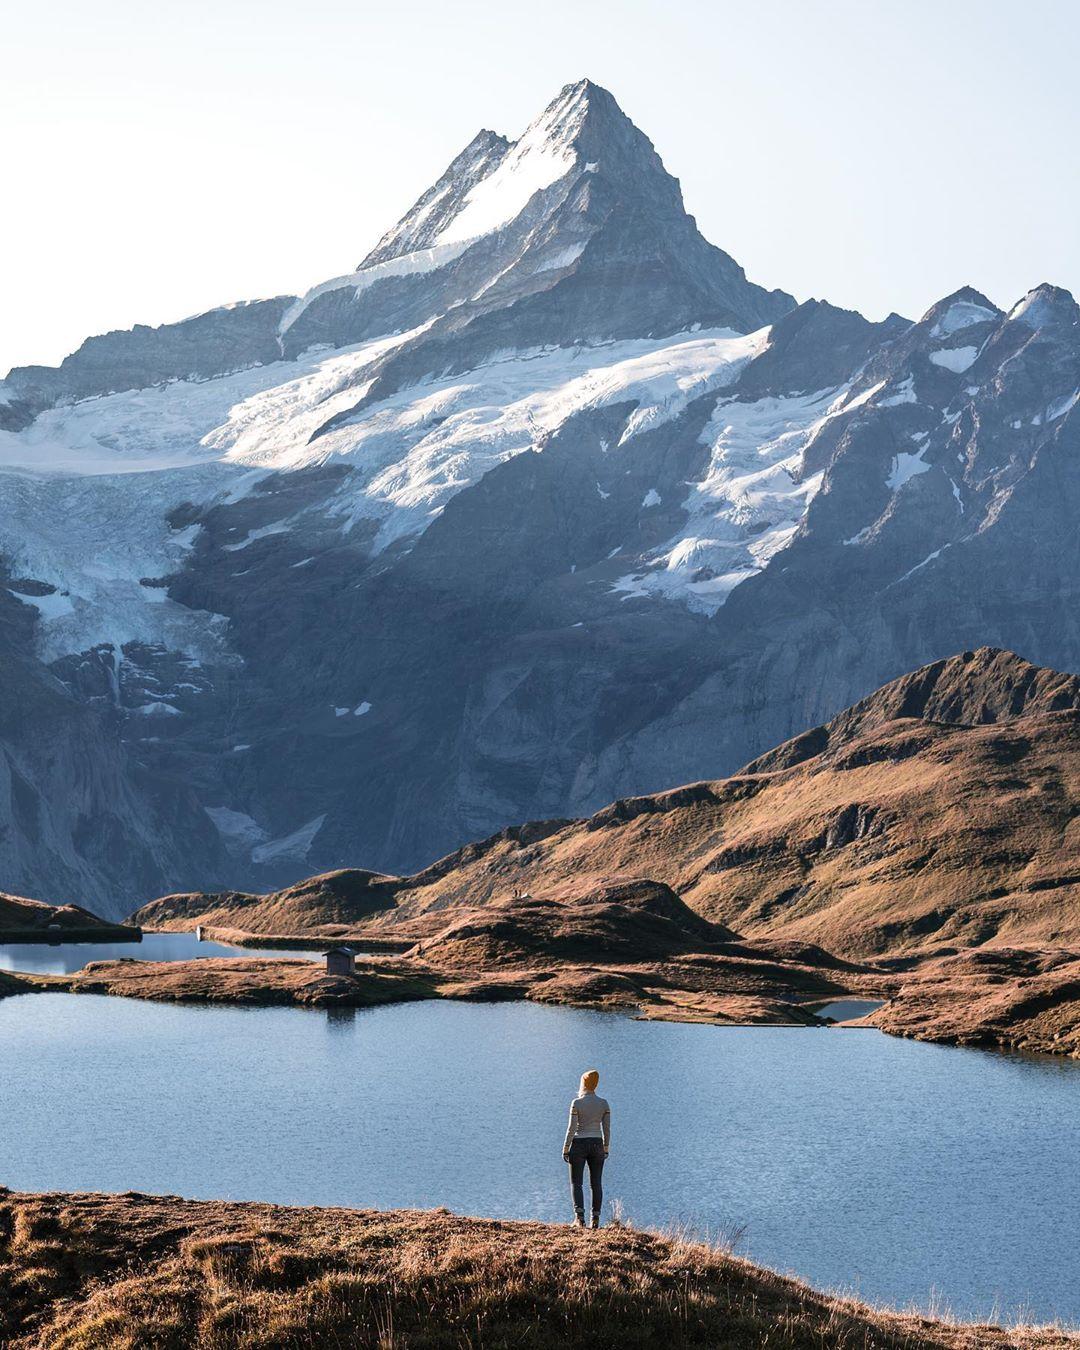 0dd3e990cc1148bcb826372d7b3cc957?from=pc - 瑞士:一个童话般的国家